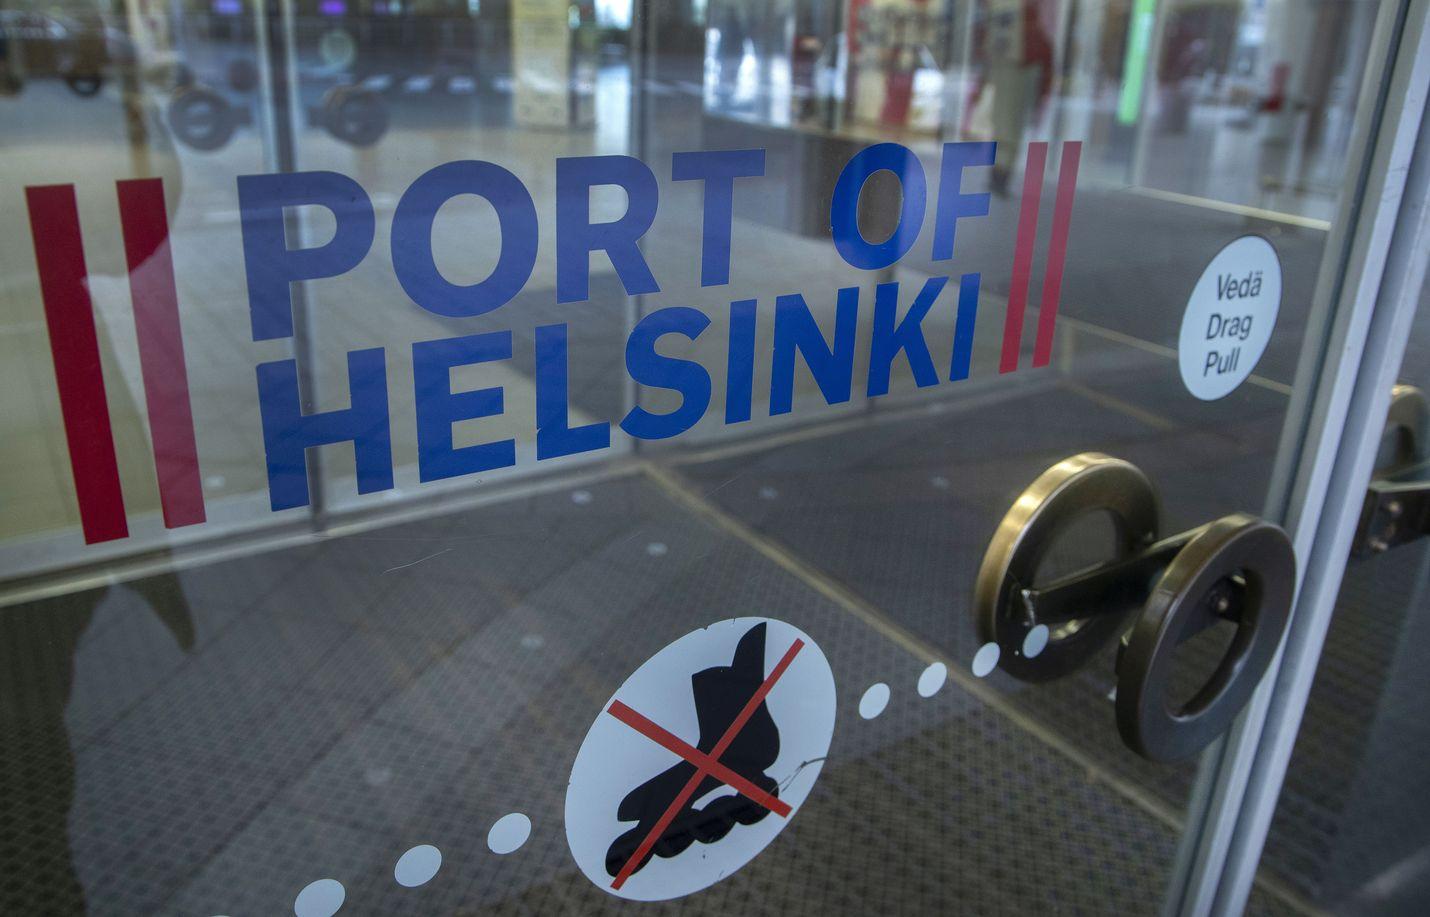 Helsinkiin ja muualle Uudellemaalle saapumiseen ja sieltä lähtemiseen tulee tänään muitakin rajoituksia kuin rullaluistelukielto. Koko maakunta eristetään.